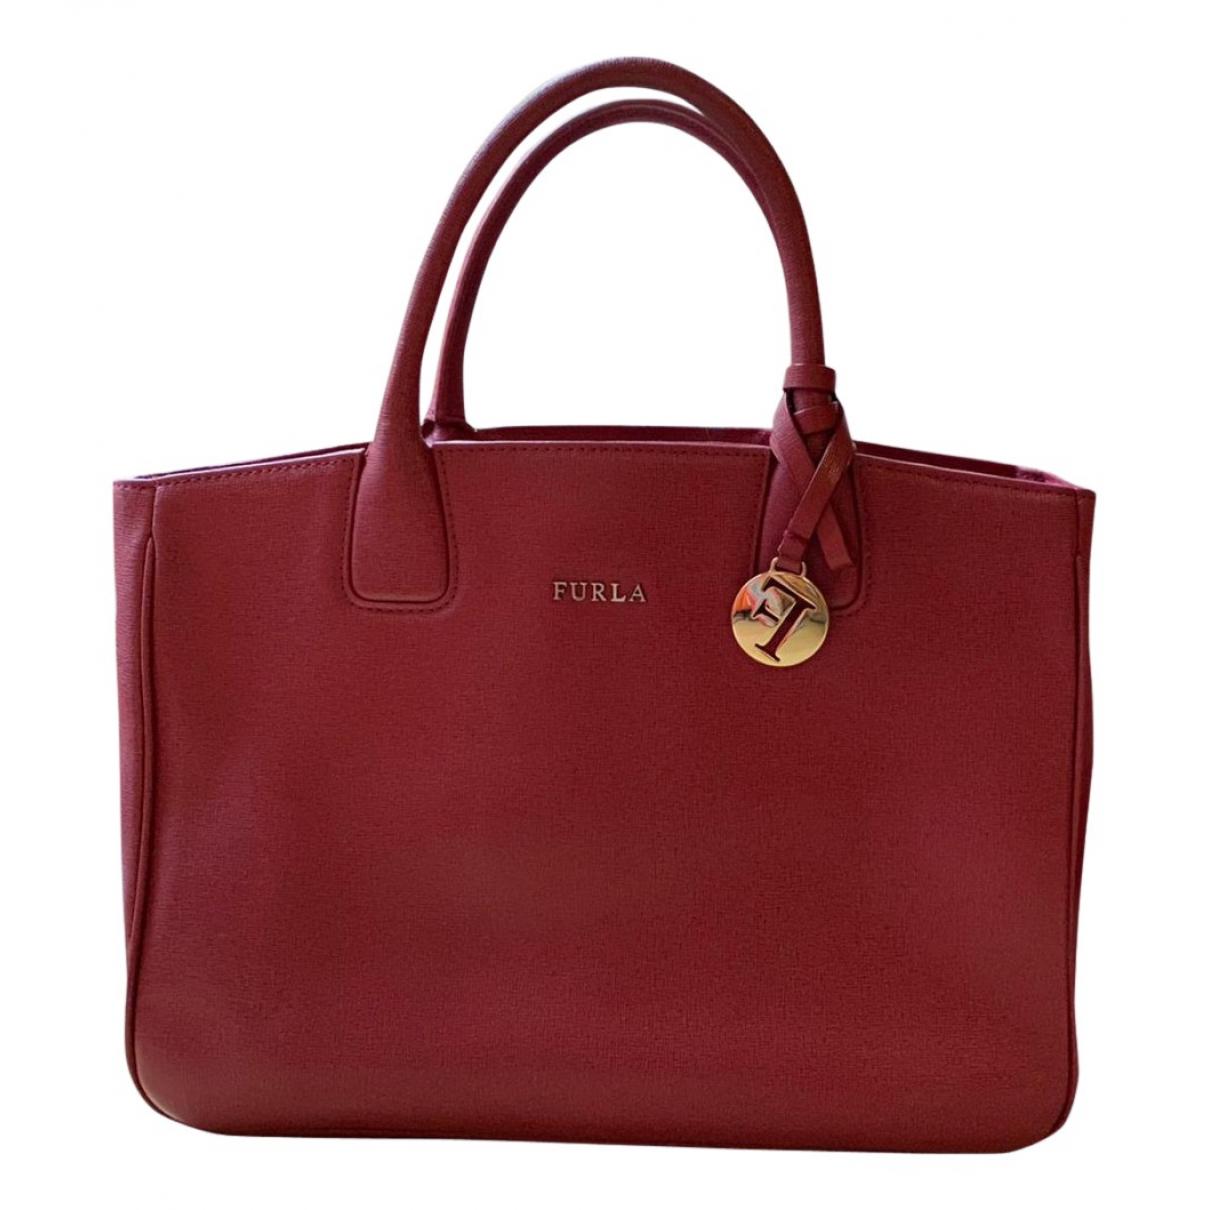 Furla \N Handtasche in  Bordeauxrot Leder